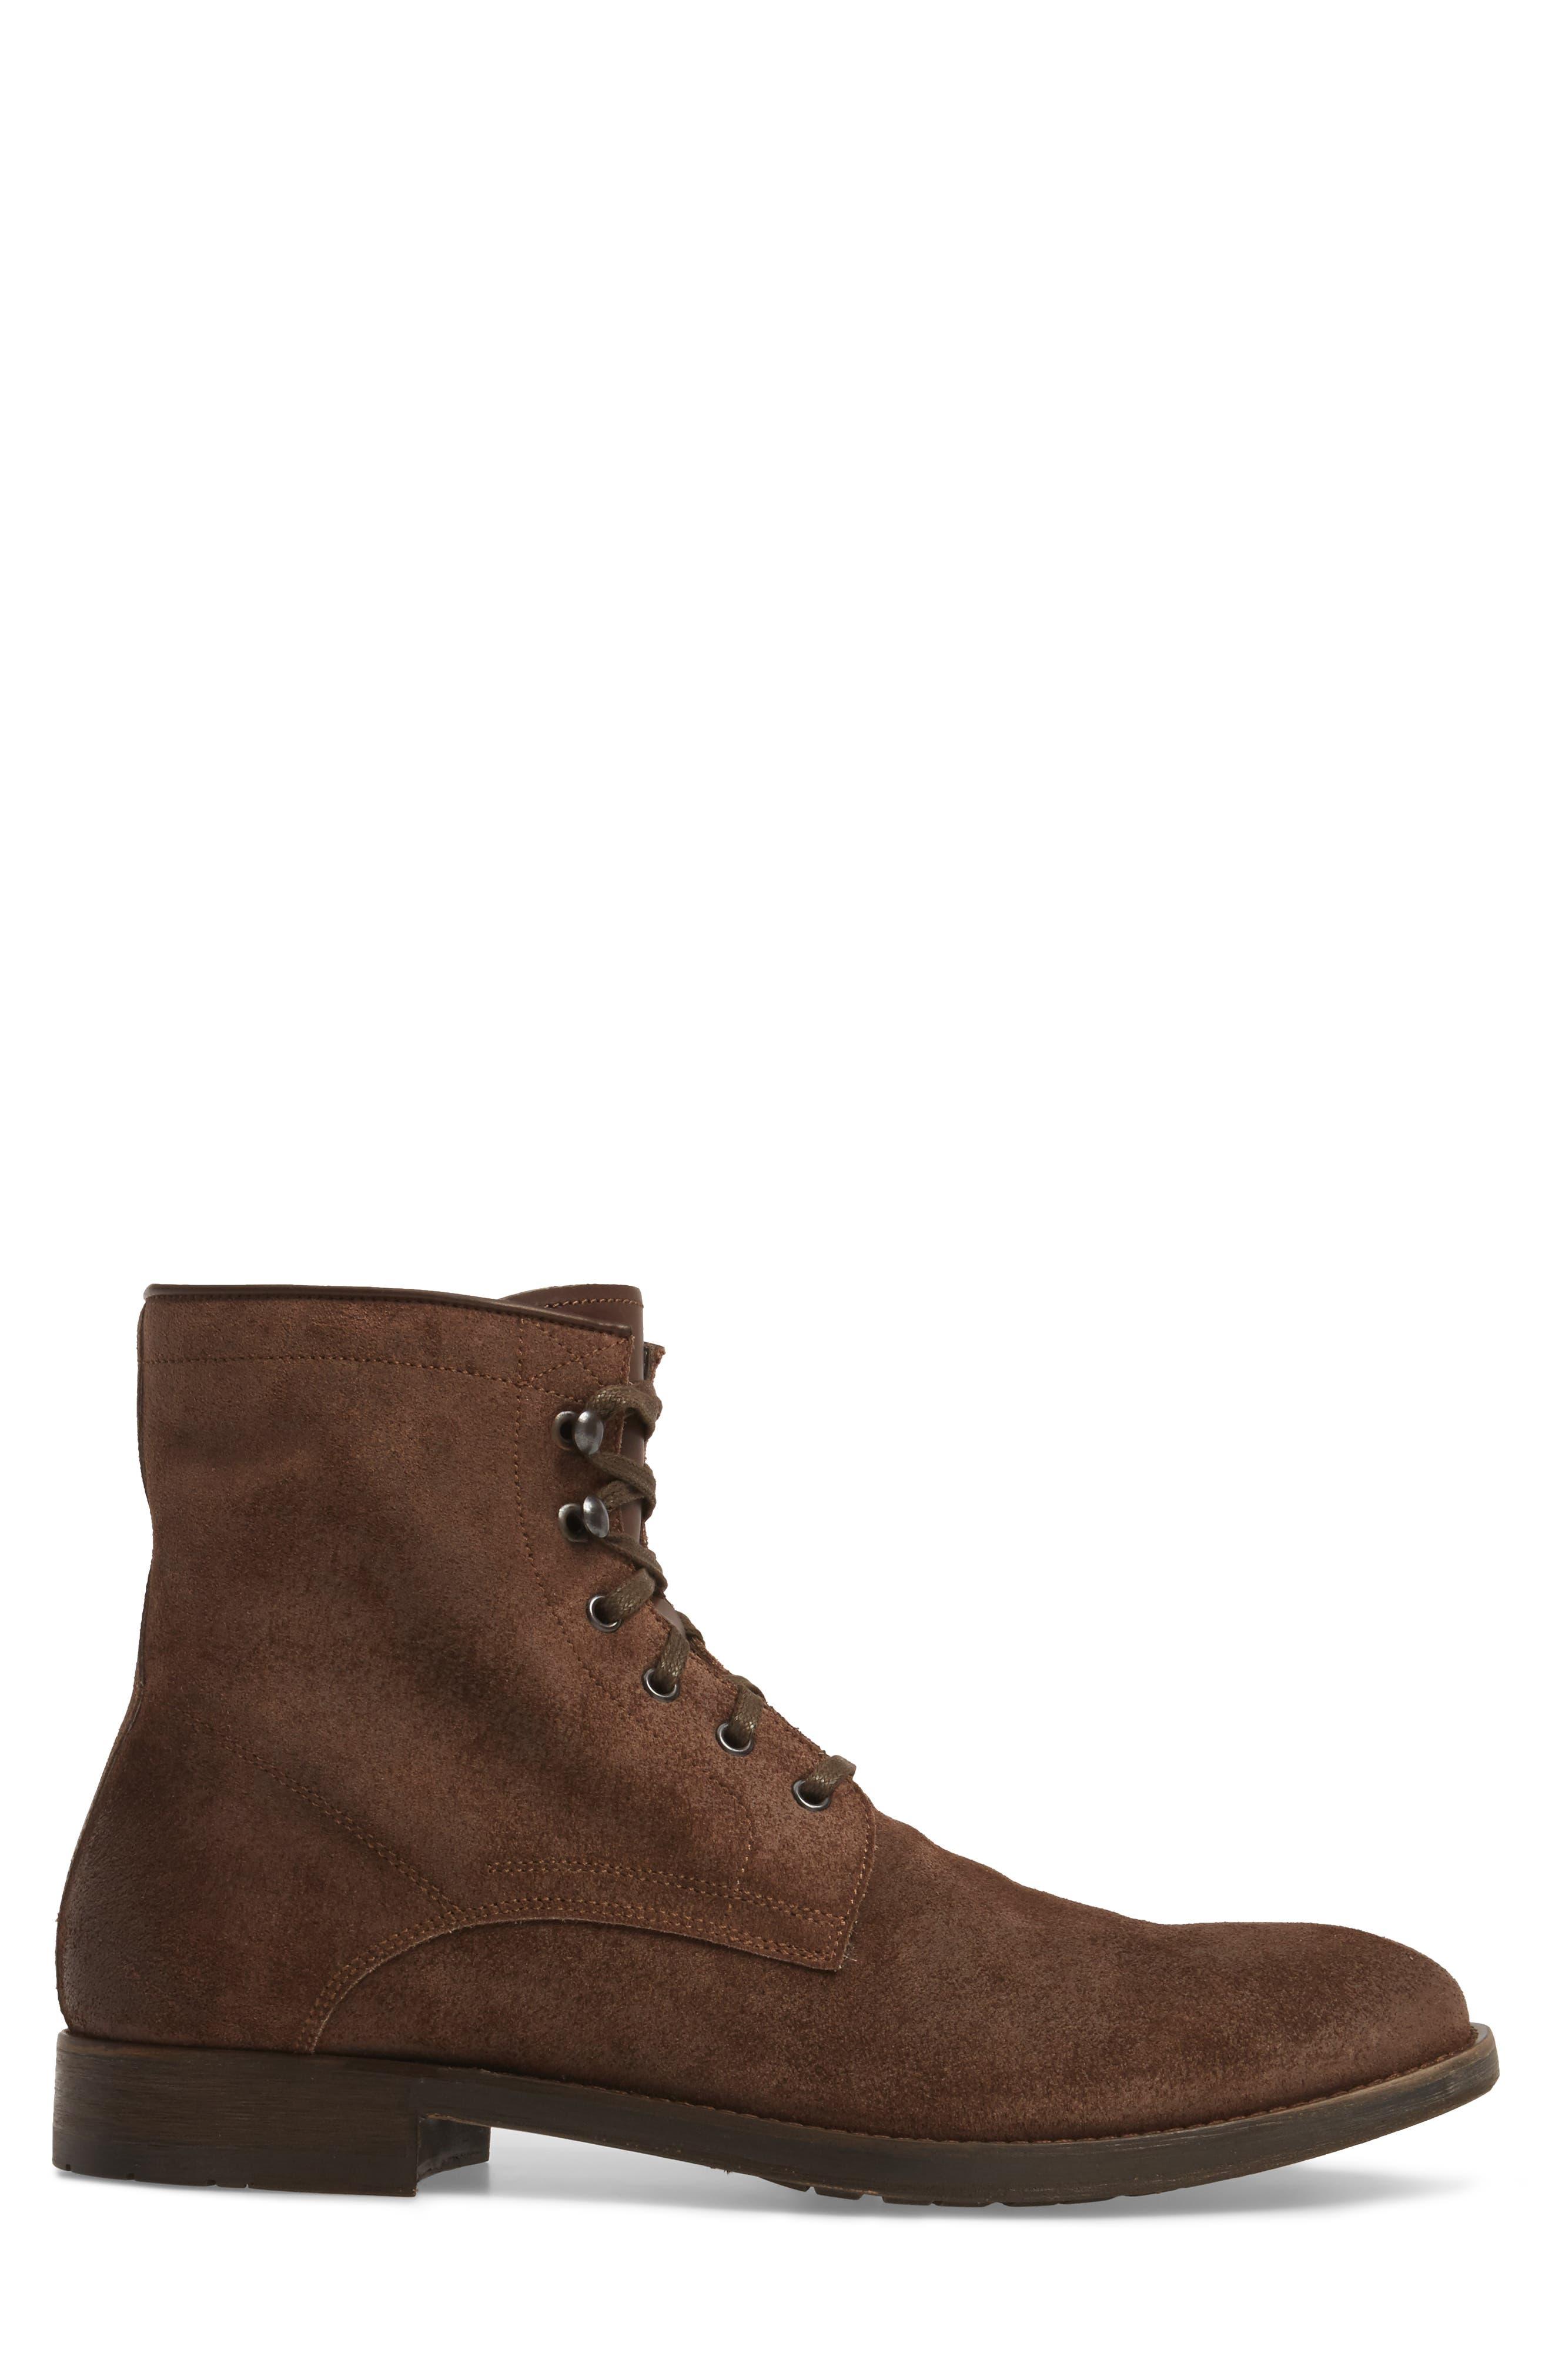 Astoria Plain Toe Boot,                             Alternate thumbnail 9, color,